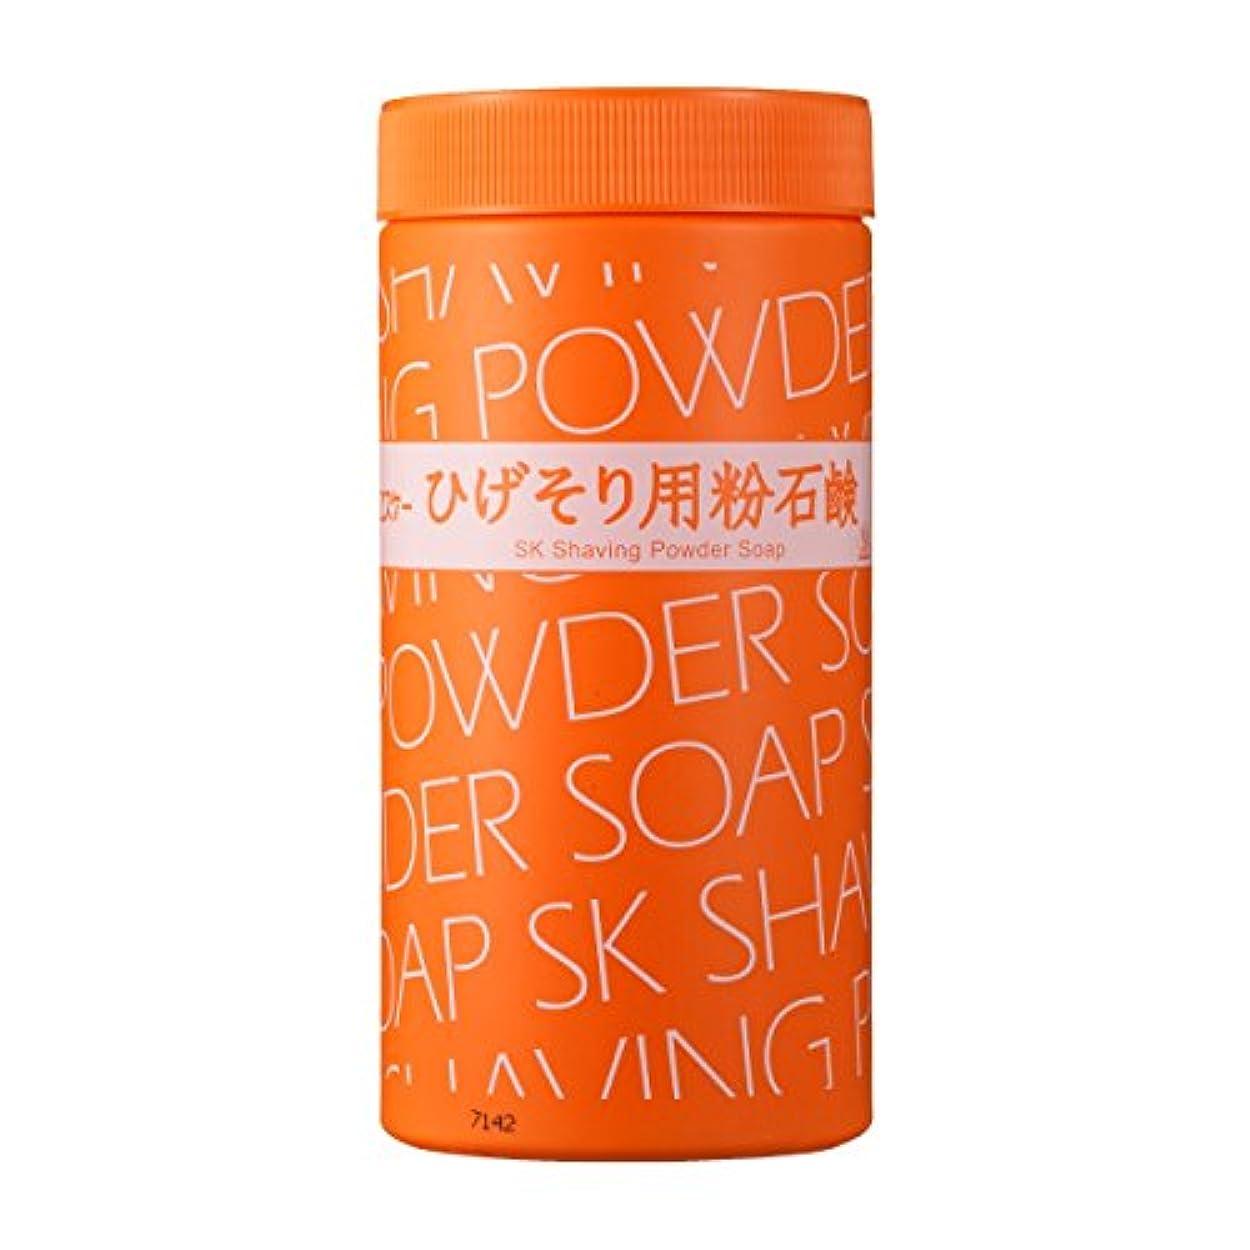 規制するゴム照らすエスケー石鹸 エスケー ひげそり用 粉石鹸 500g シェービングフォーム